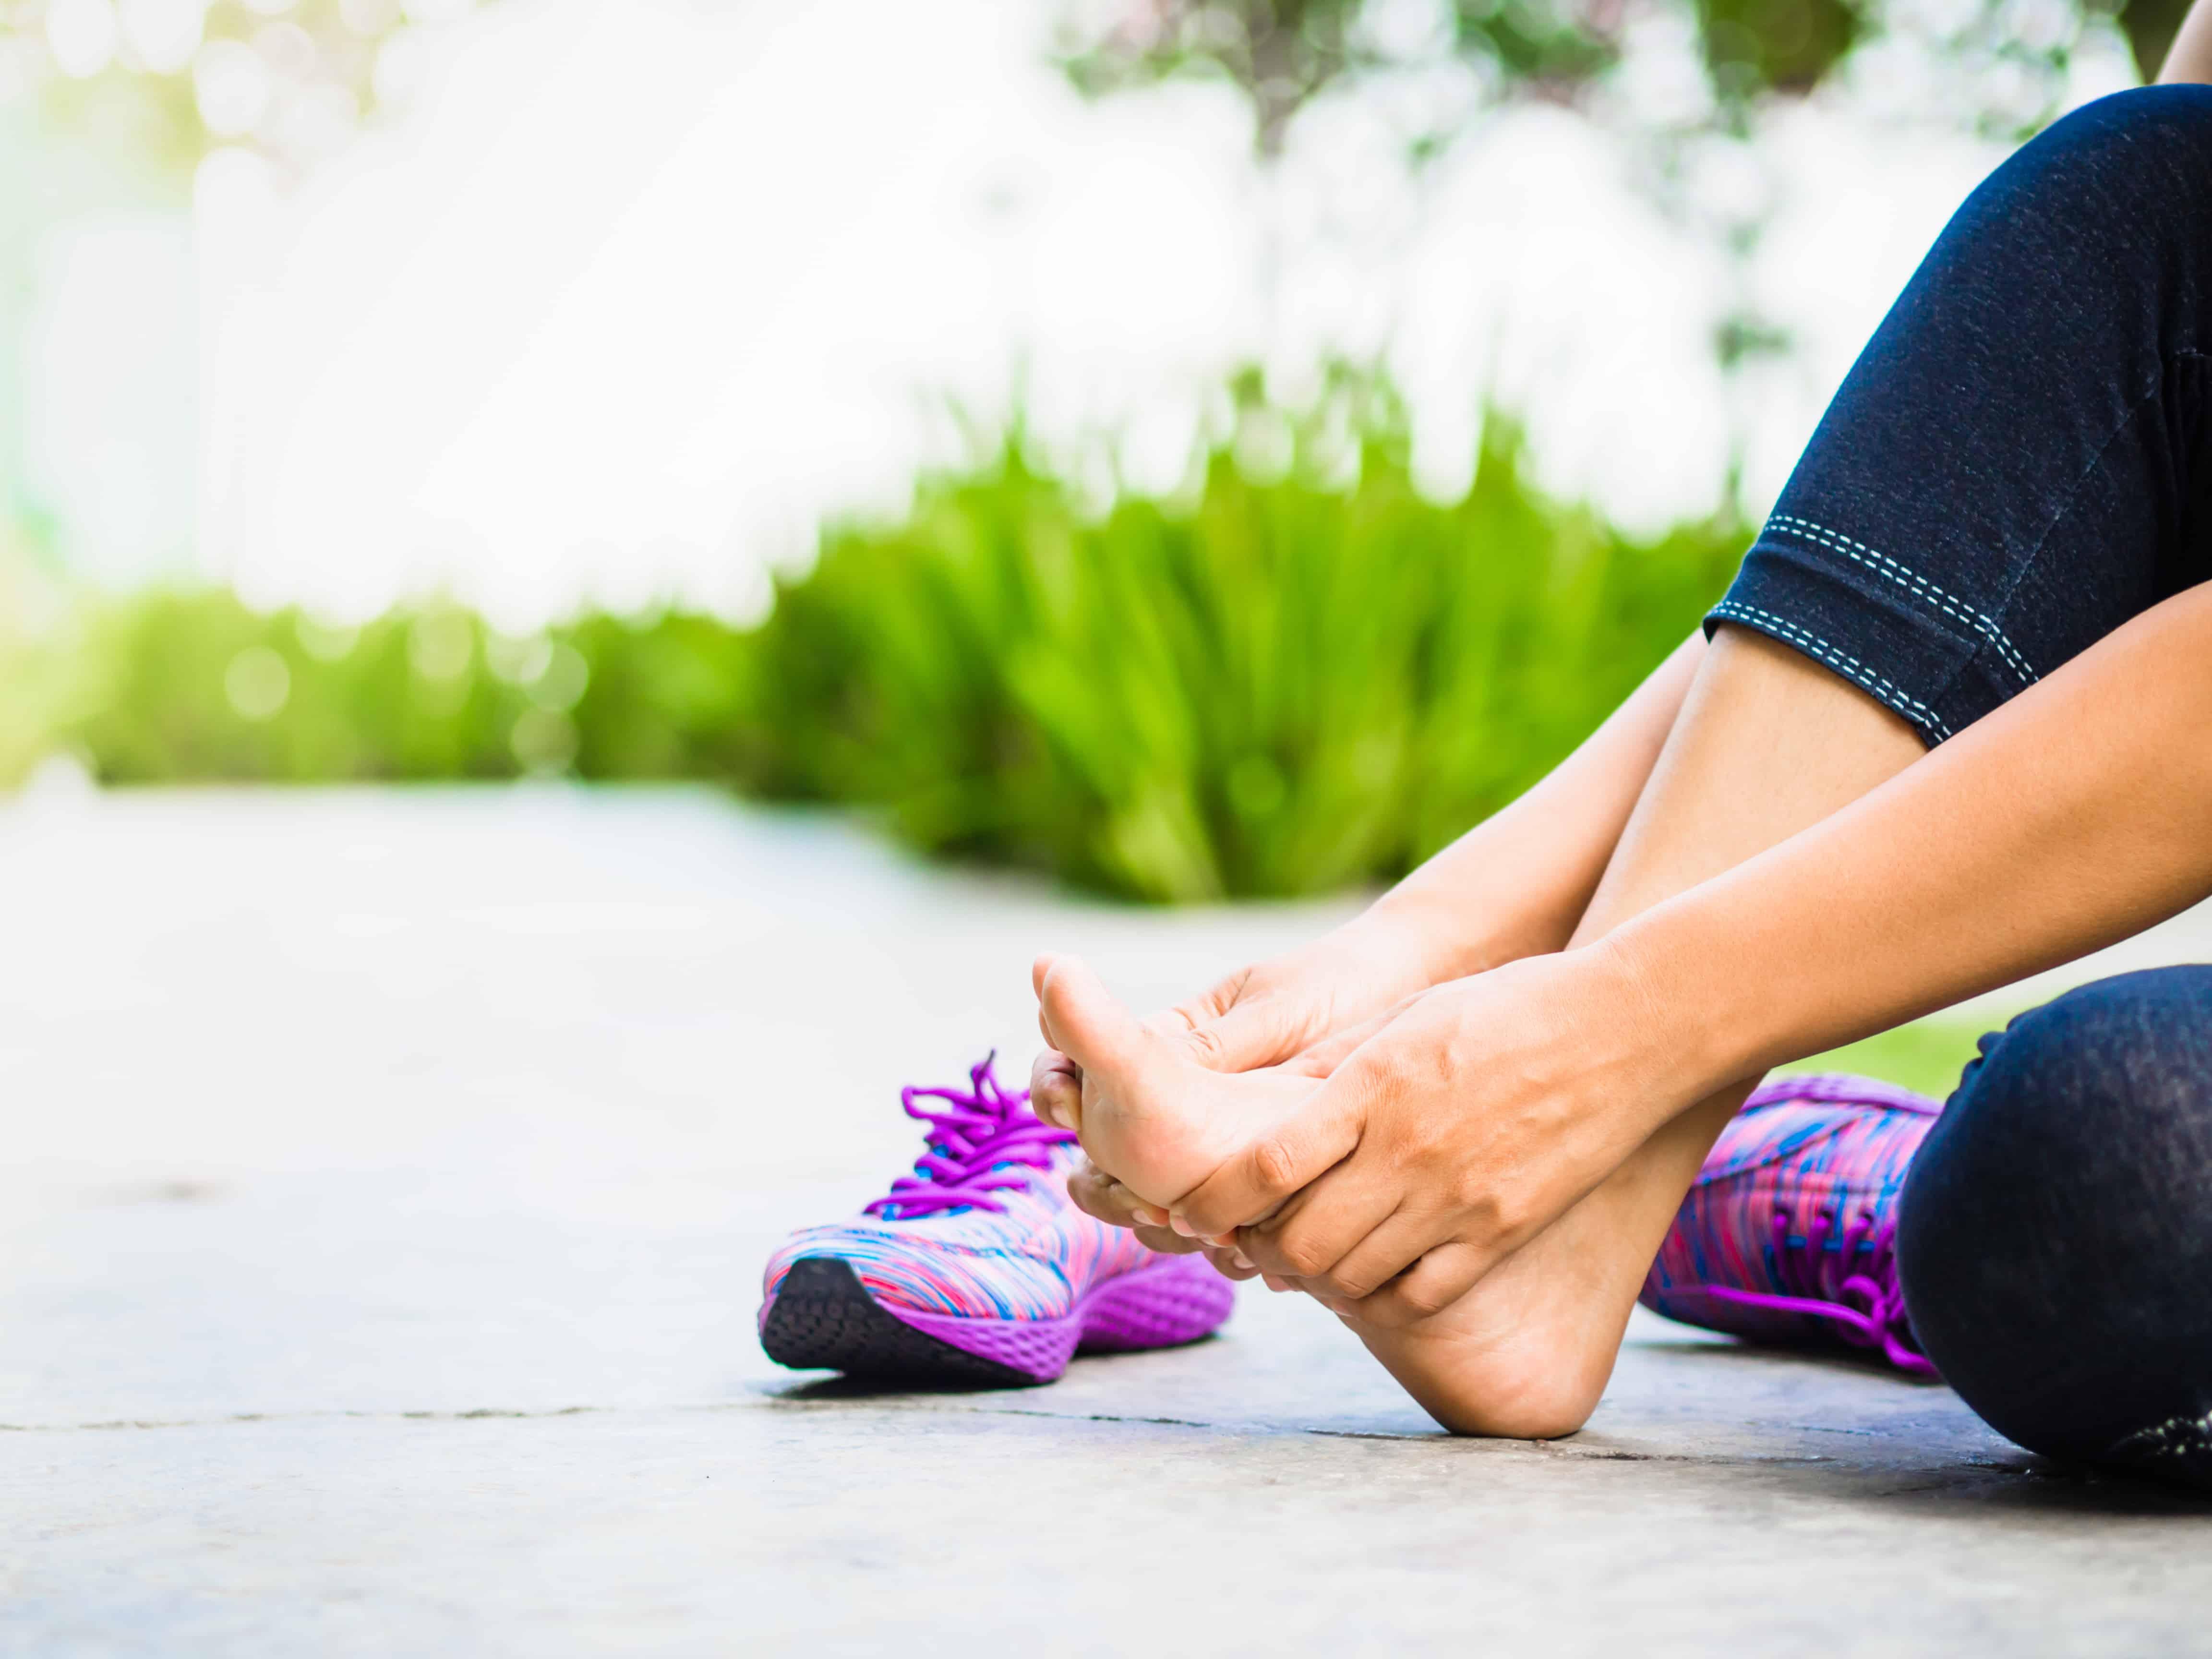 לאיזה יש כאבים ברזל בזמן ריצה בעקבות ציפורן חודרנית